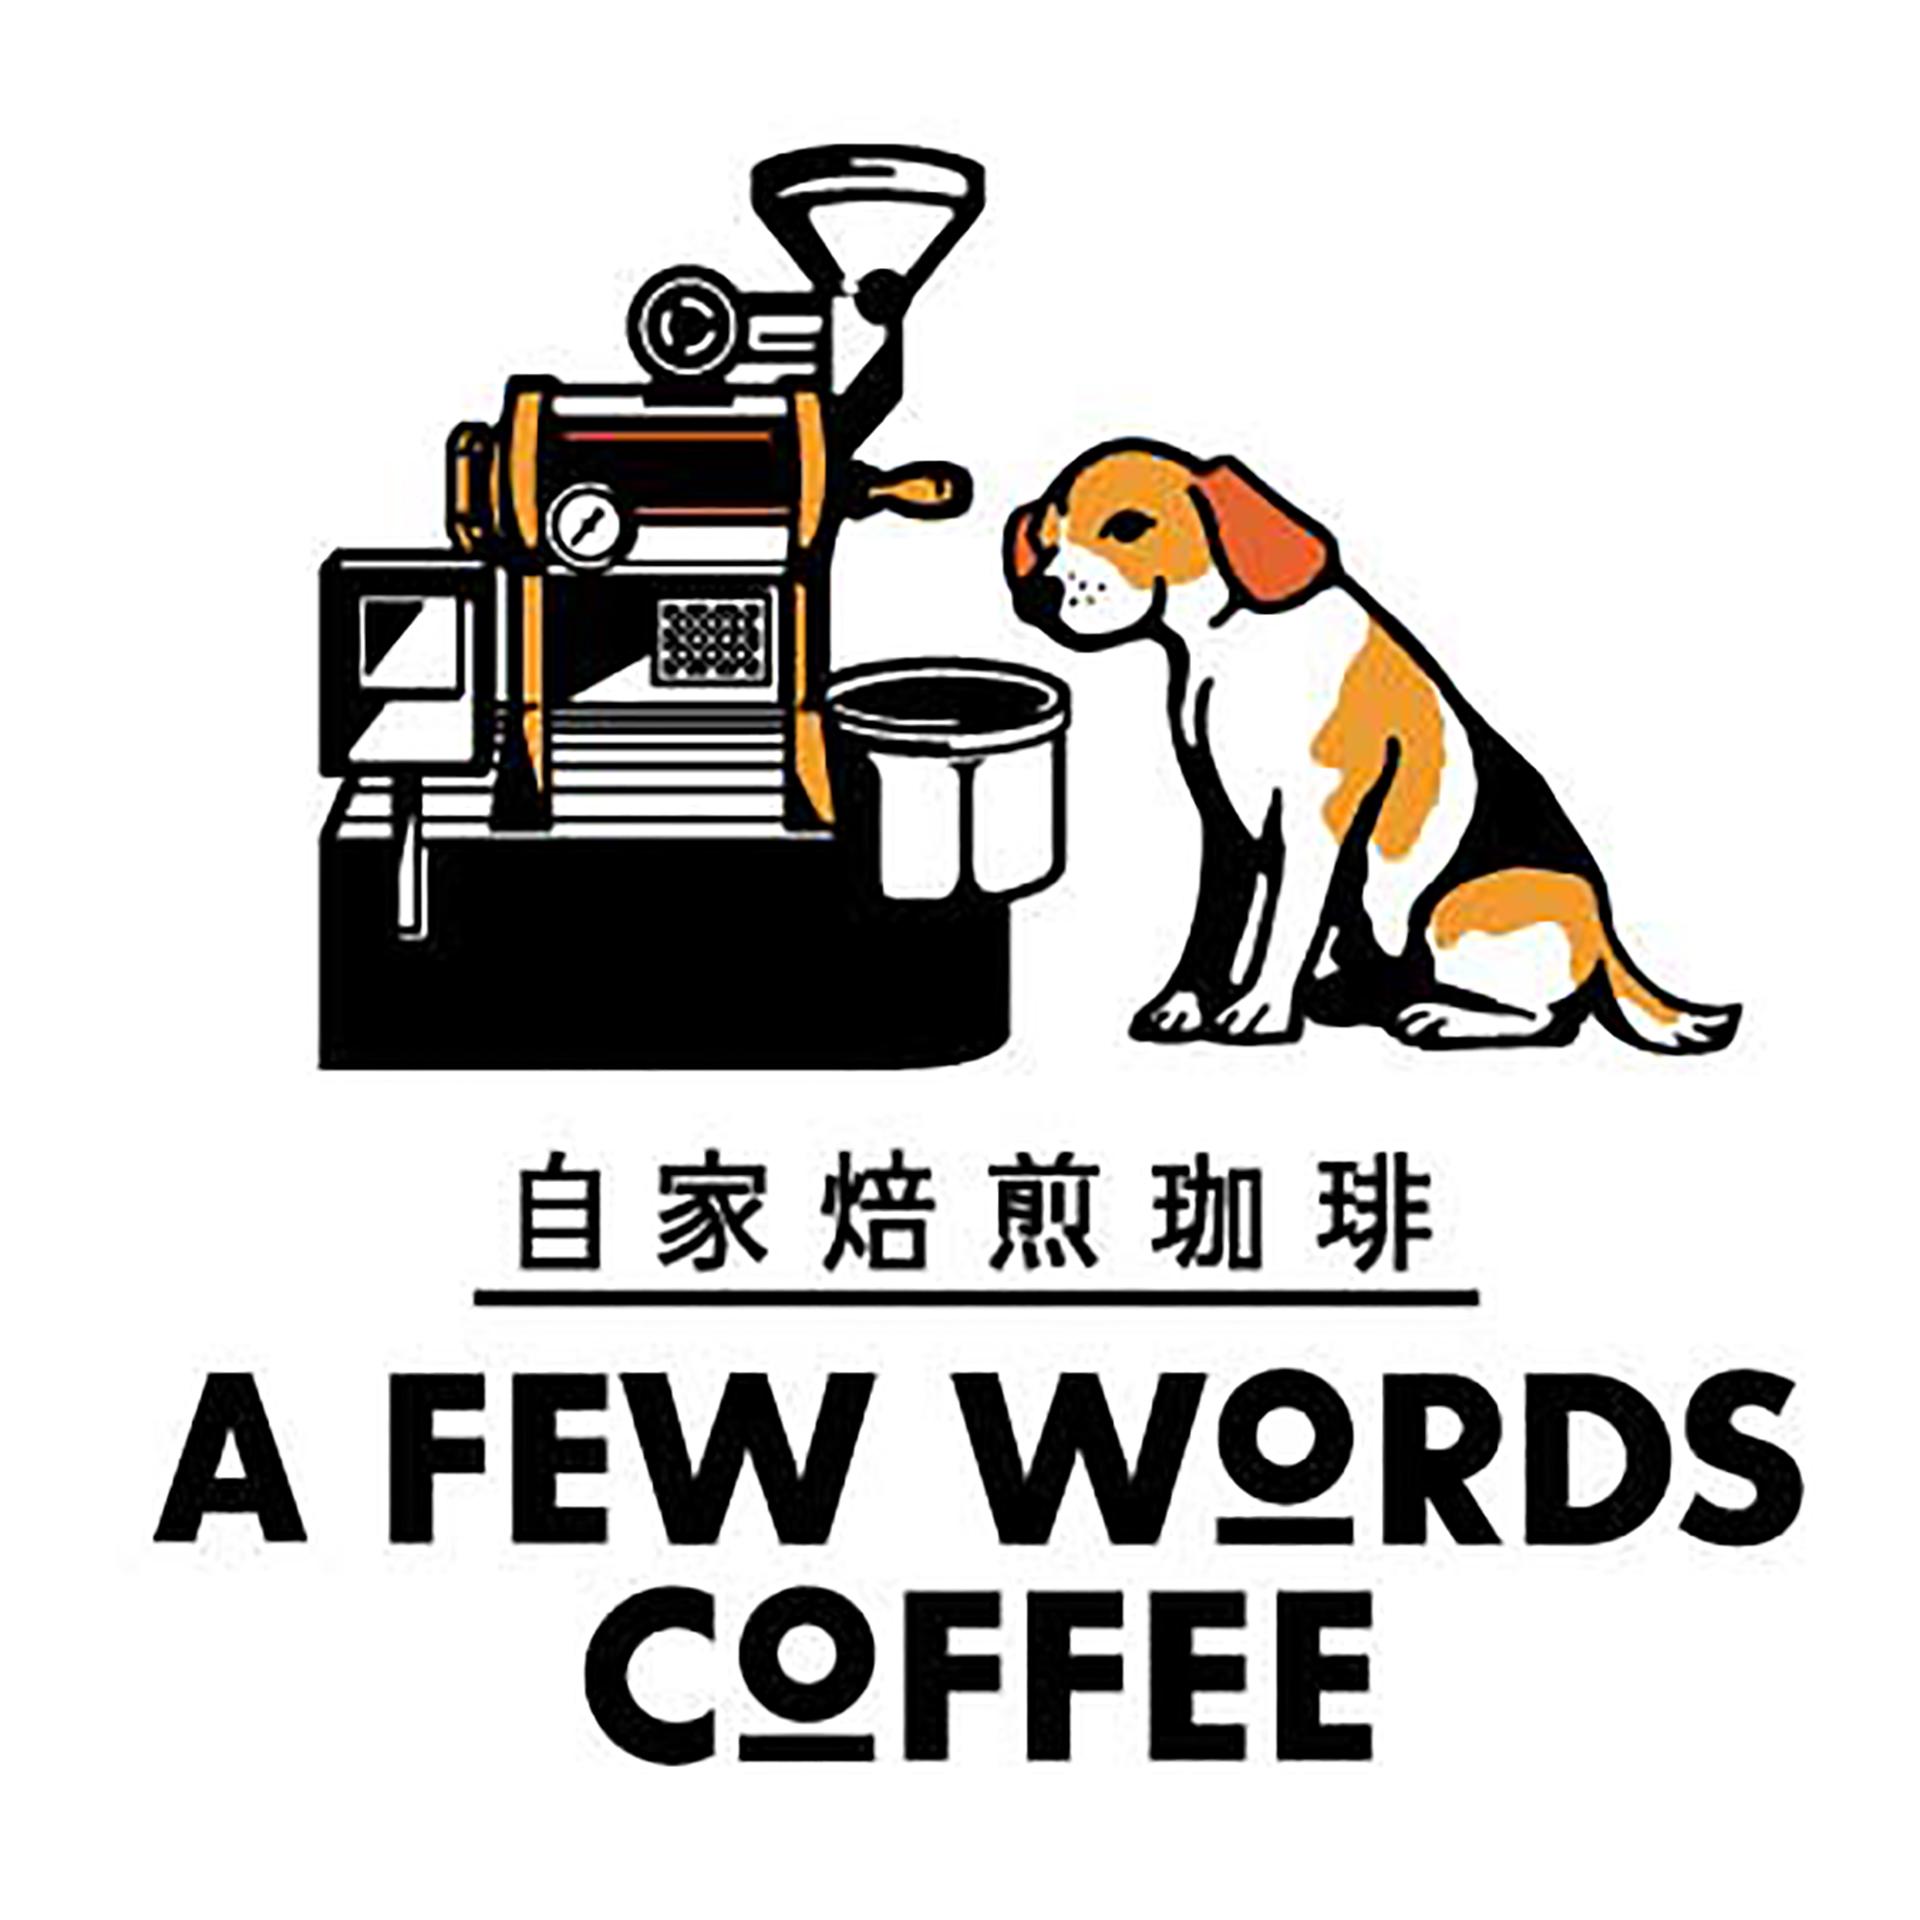 A FEW WORDS COFFEE